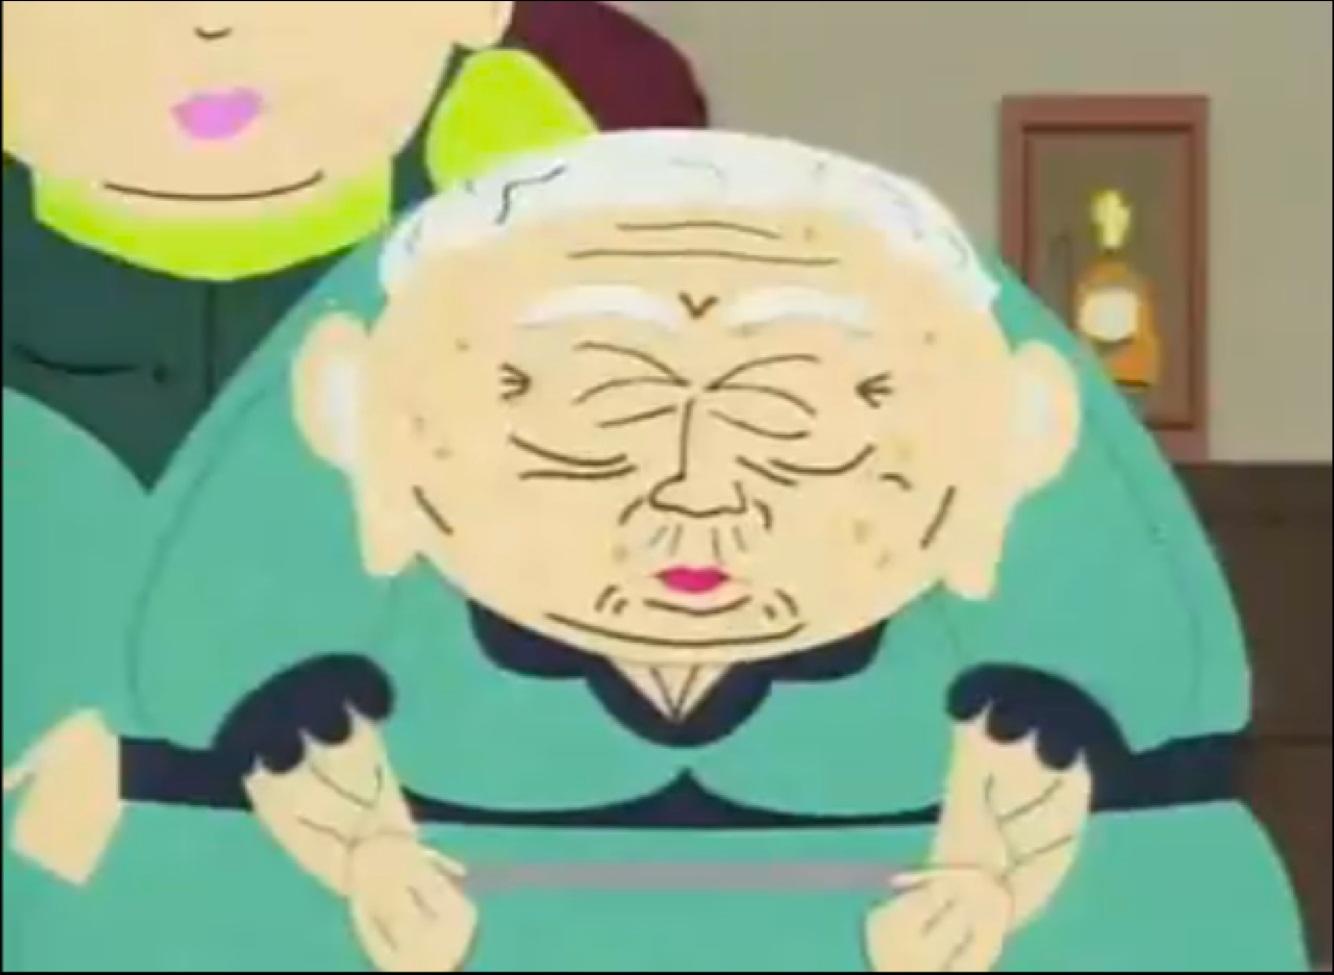 Florencia Cartman